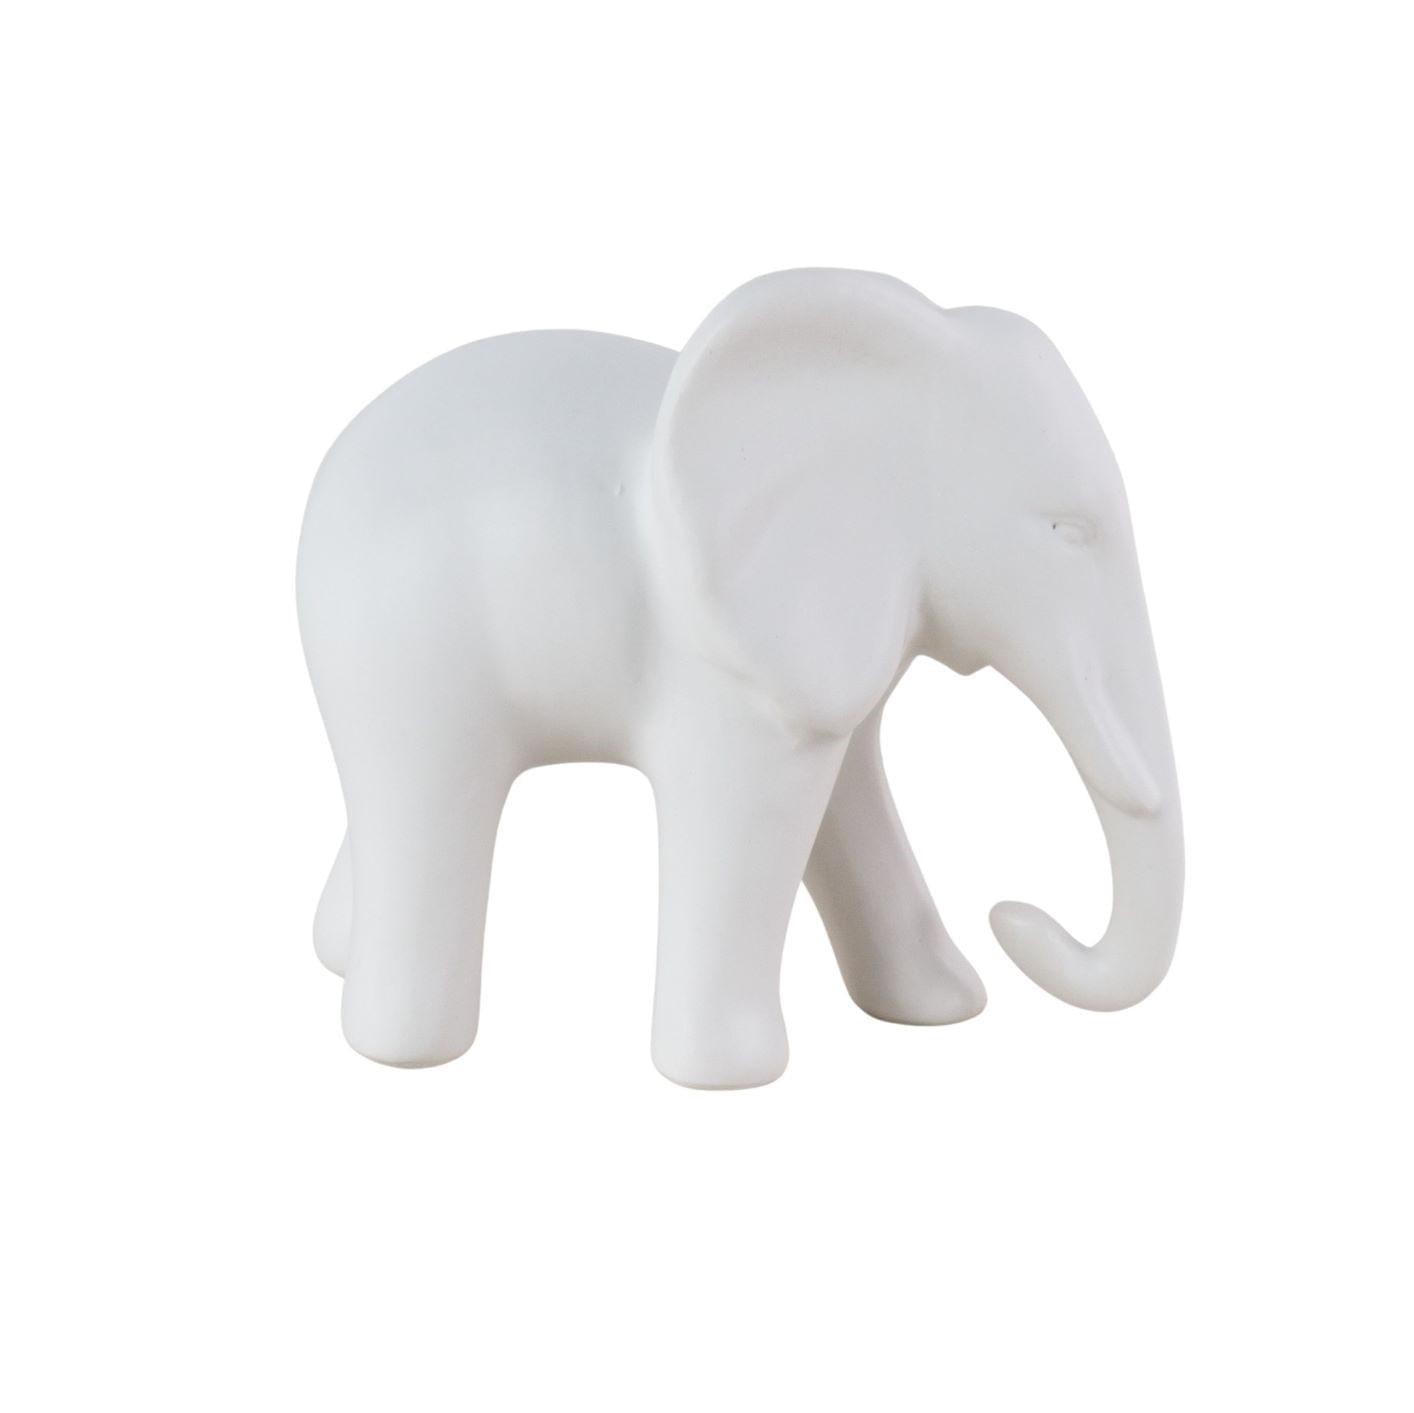 Elefante Decorativo de Cerâmica - Objeto Escultura Branca